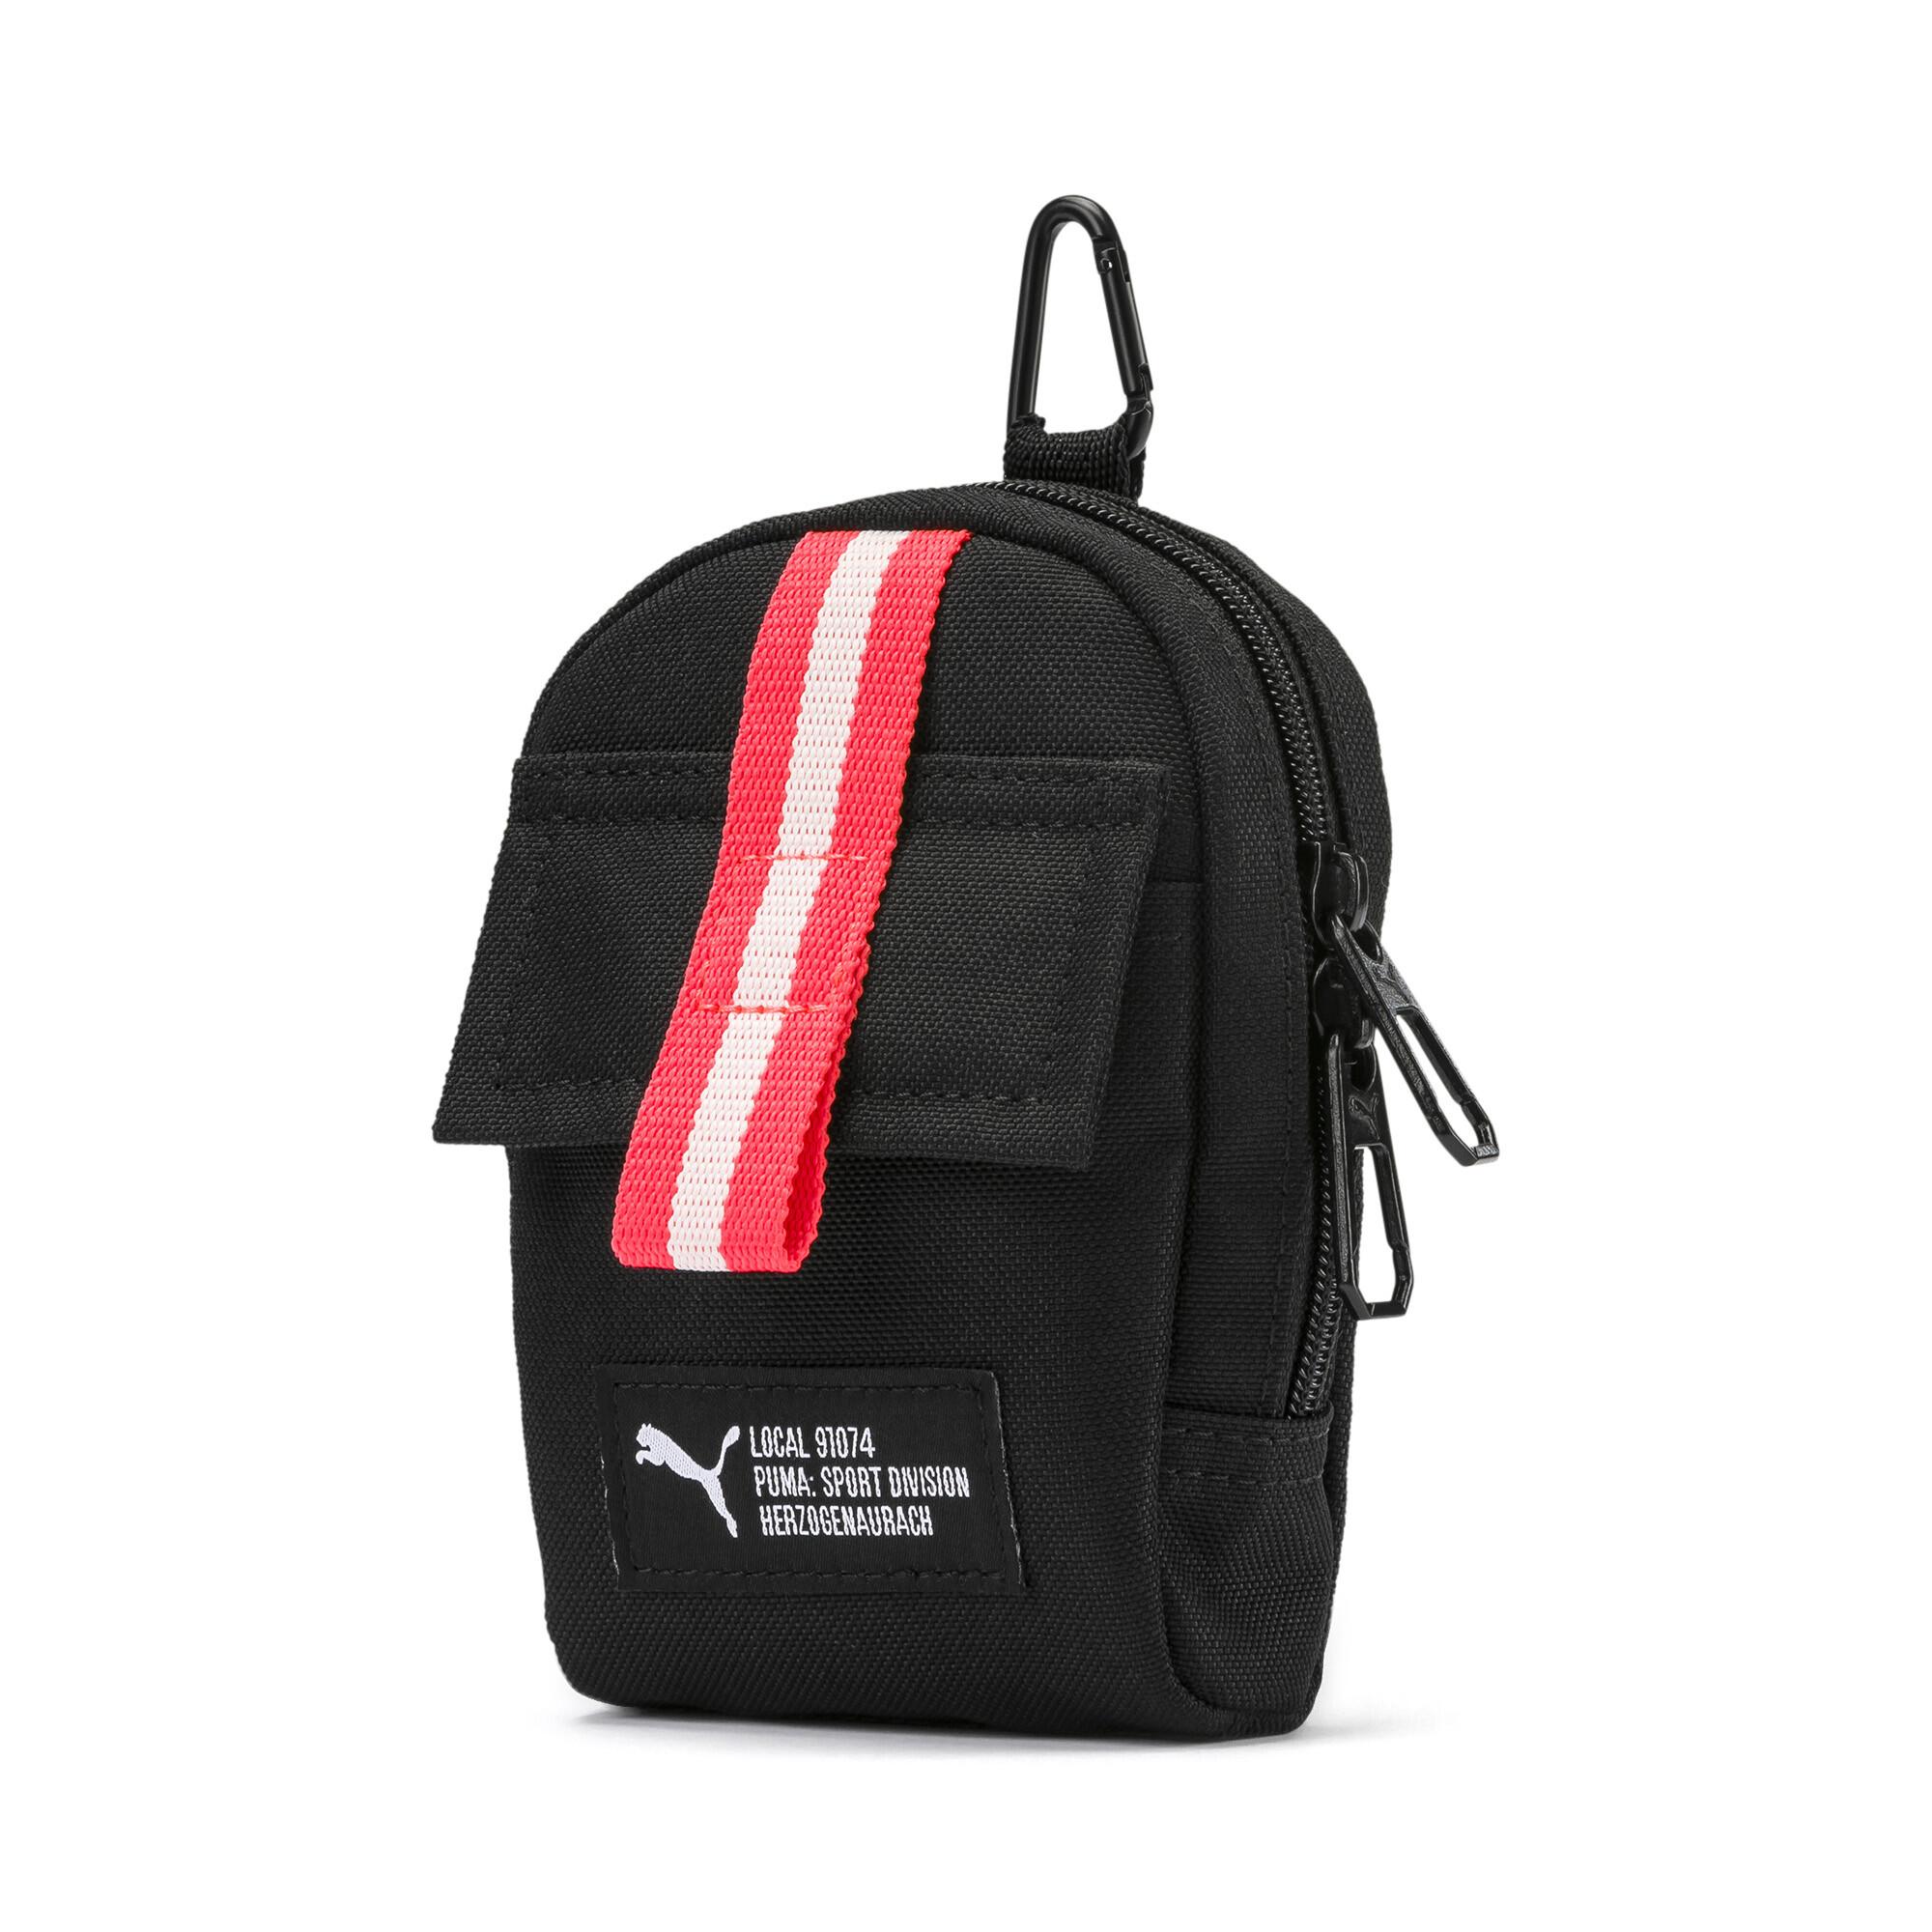 a4493c37552e Мужские спортивные сумки PUMA в интернет-магазине